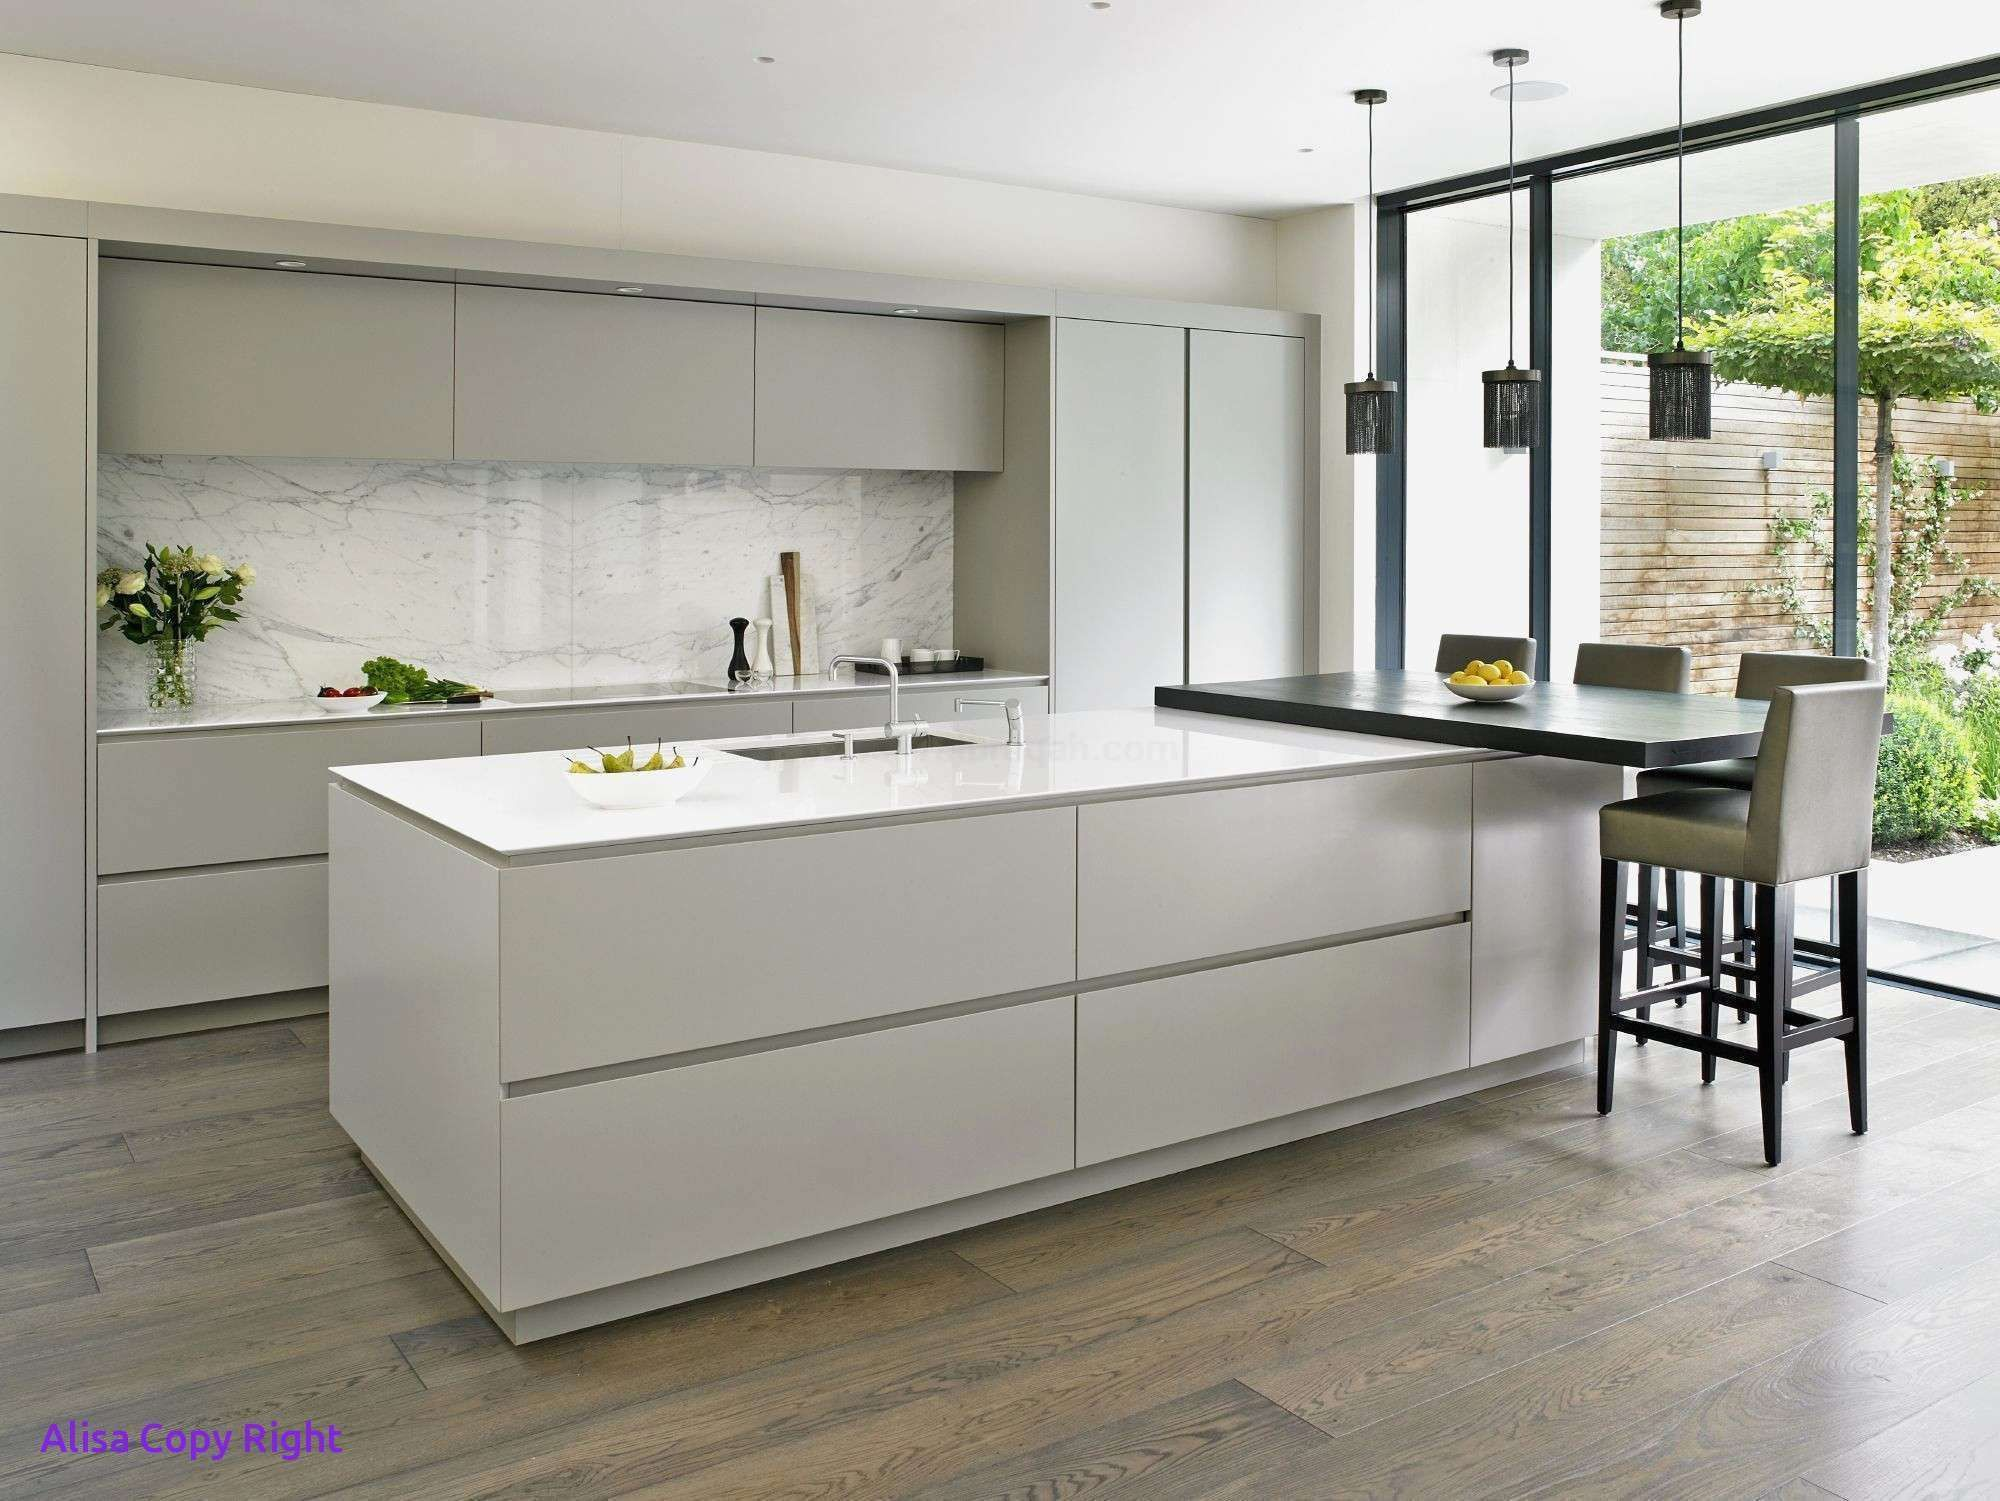 Small Contemporary Kitchens Design Ideas Handleless Kitchen Contemporary Kitchen Minimalist Kitchen Design